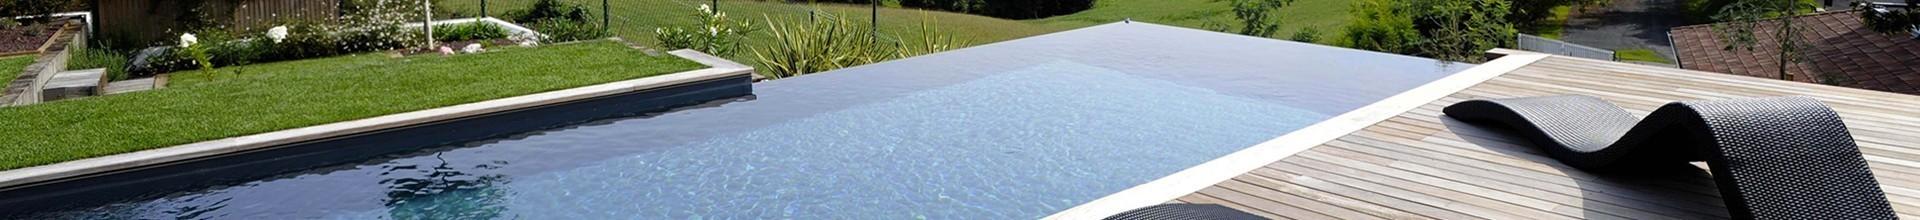 Val de Loire Fabricant d'une piscine révolutionnaire et innovante